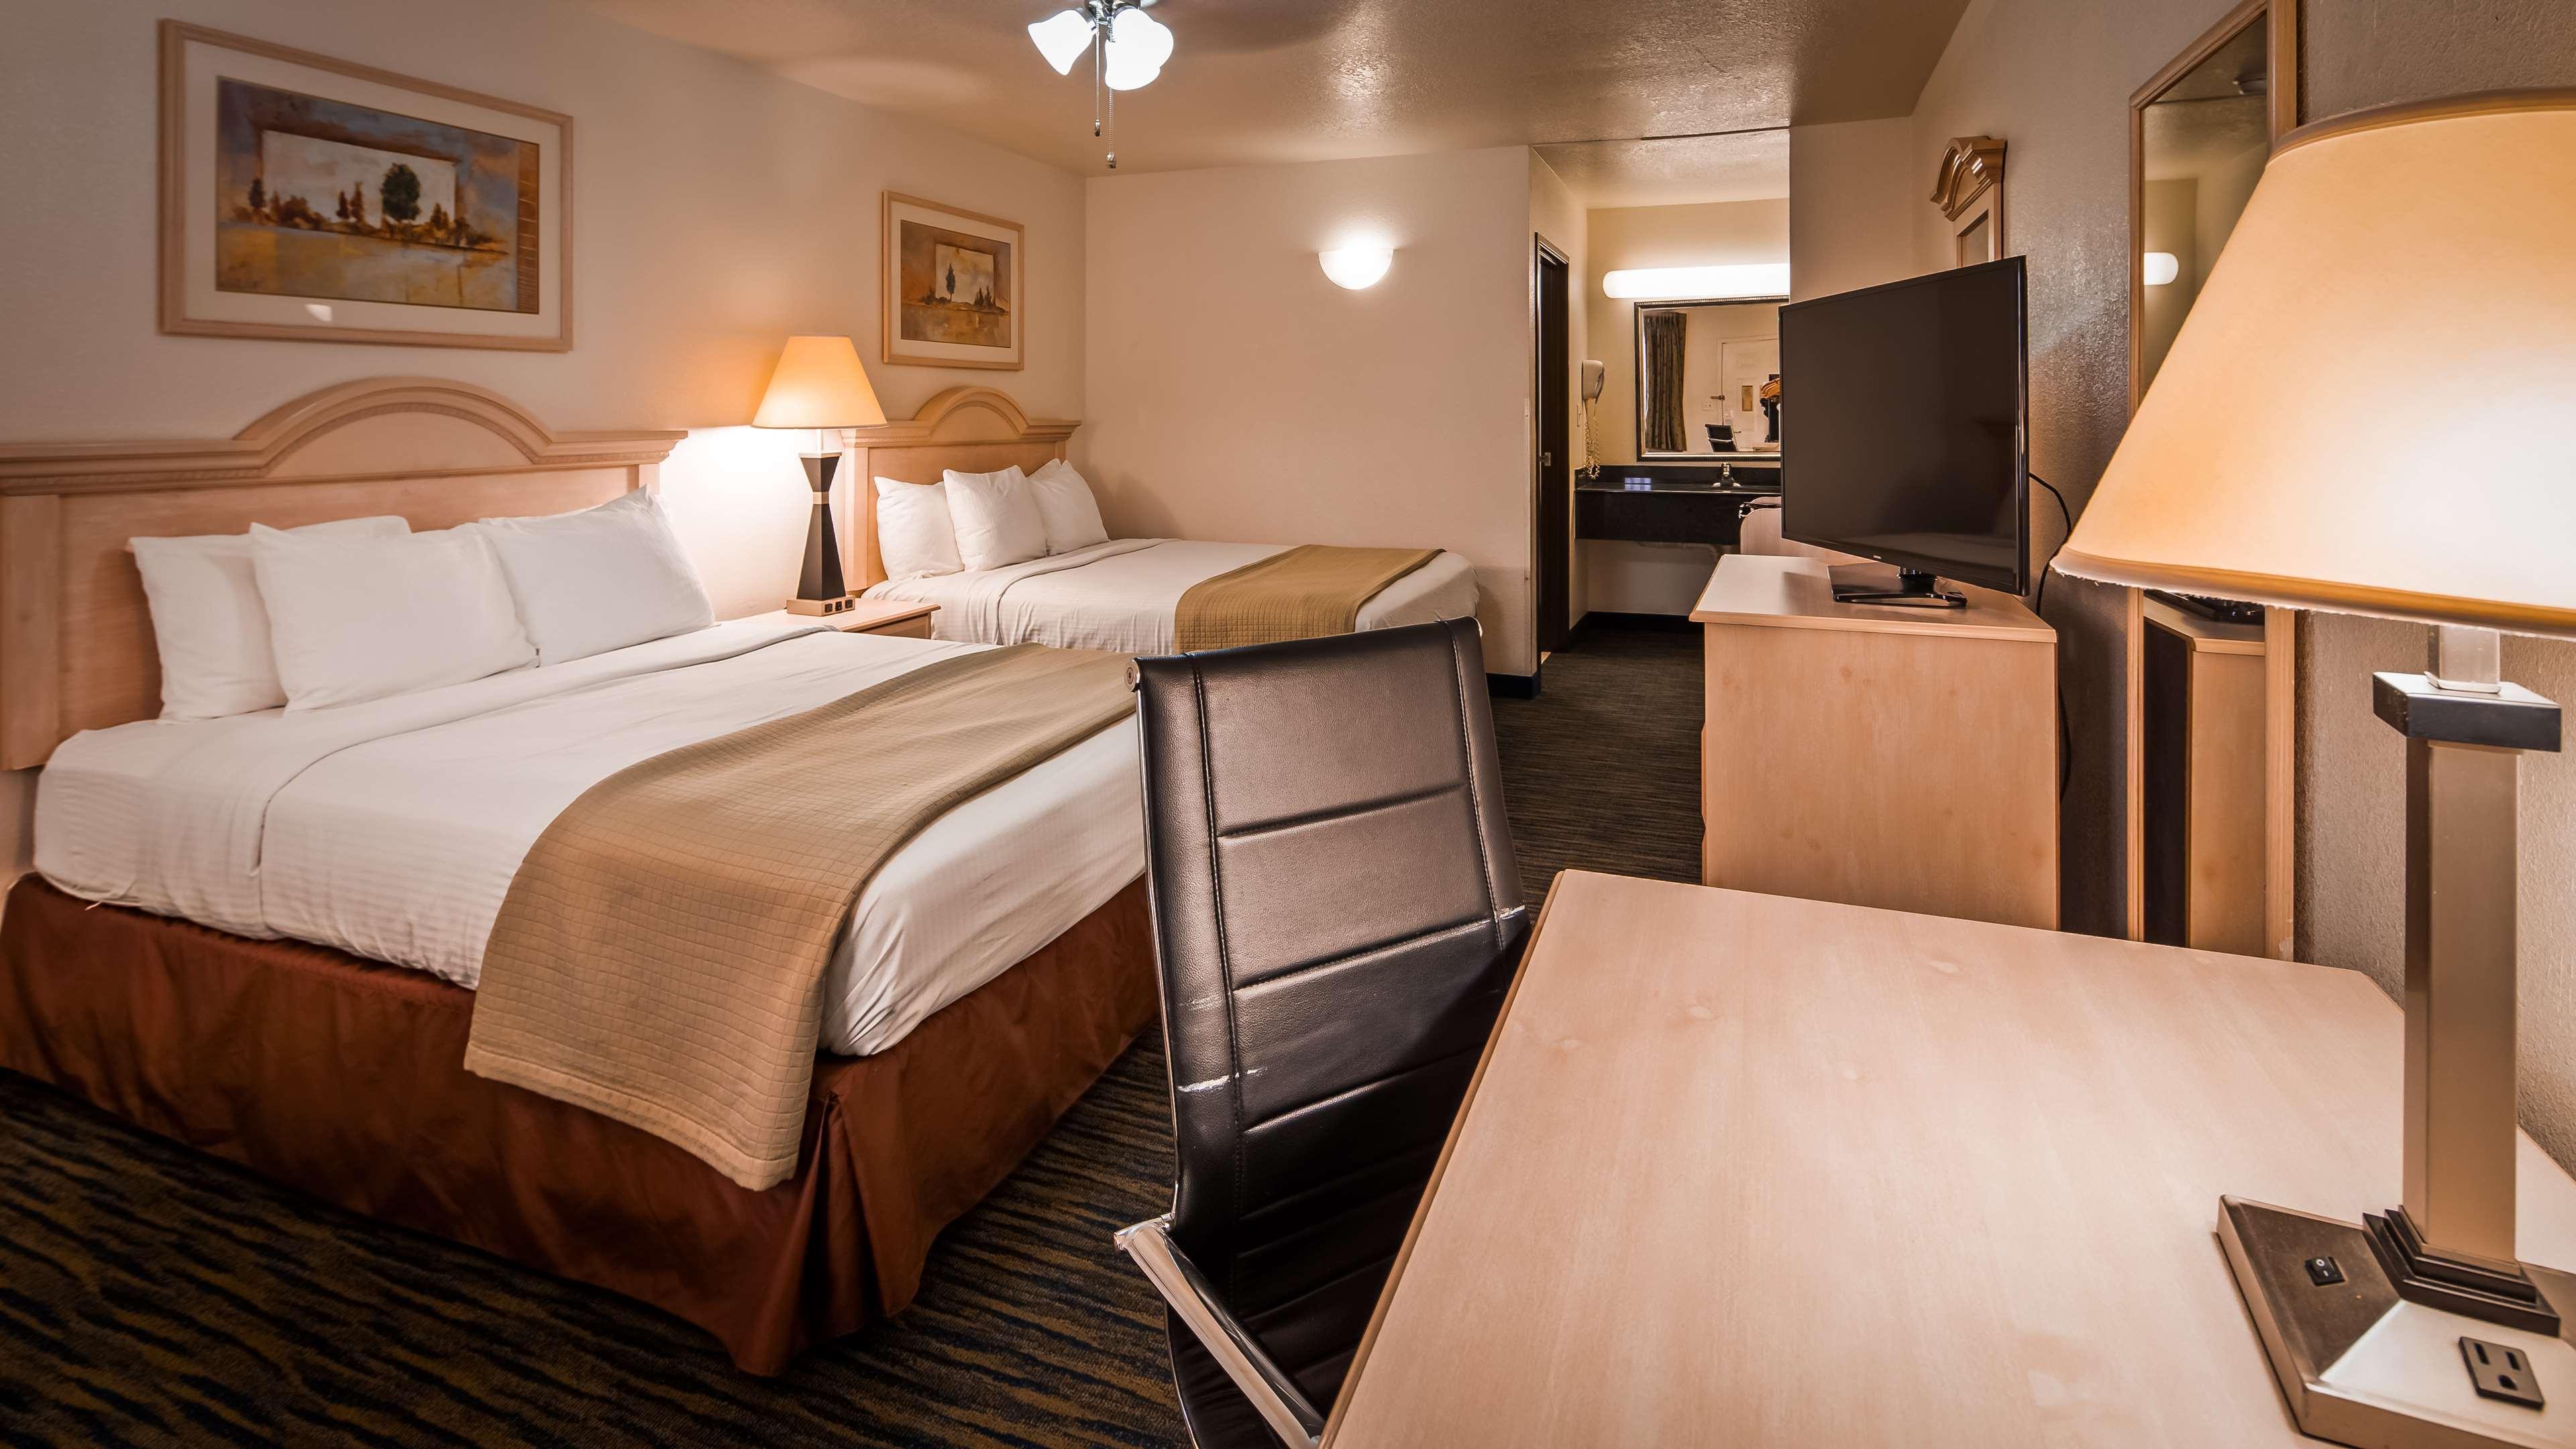 SureStay Hotel by Best Western Falfurrias image 38